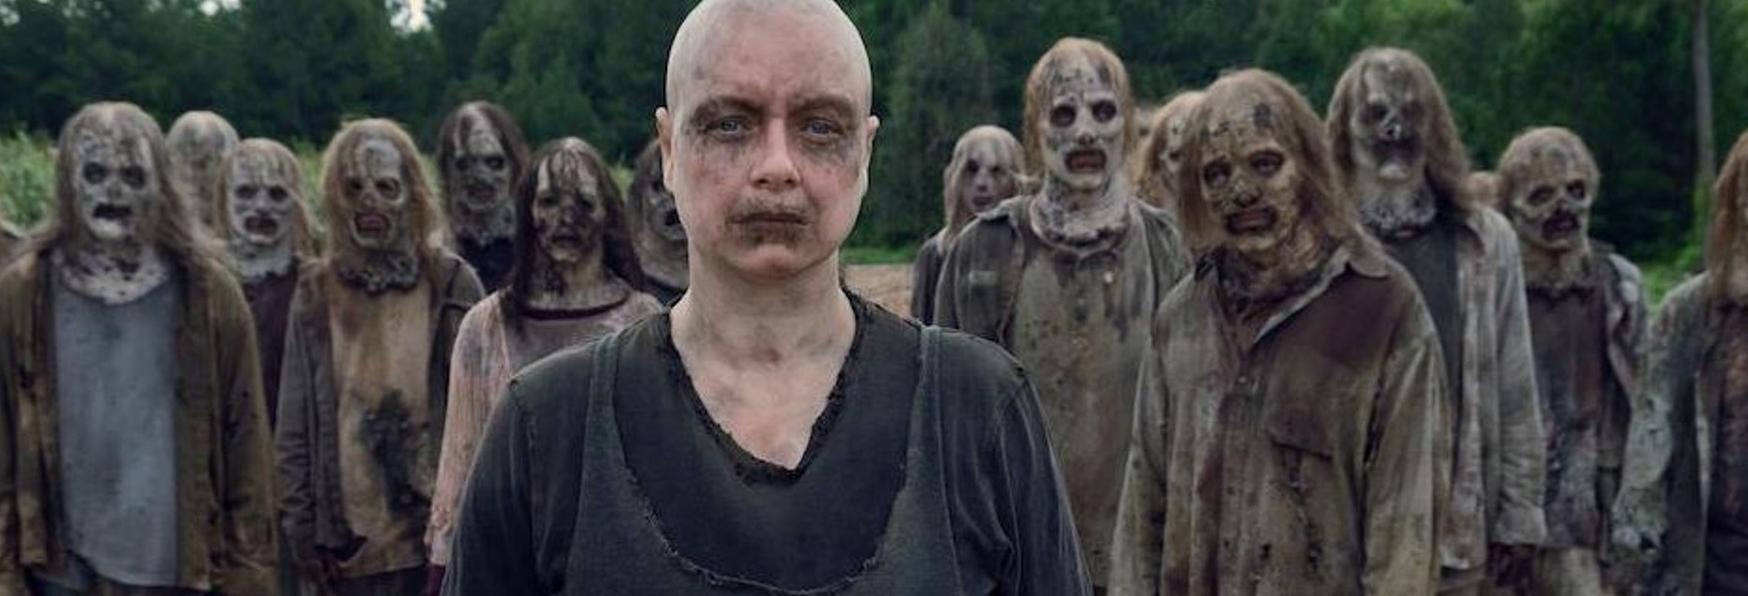 The Walking Dead: il Secondo Spin-off della Serie sarà molto diverso dagli altri due Show